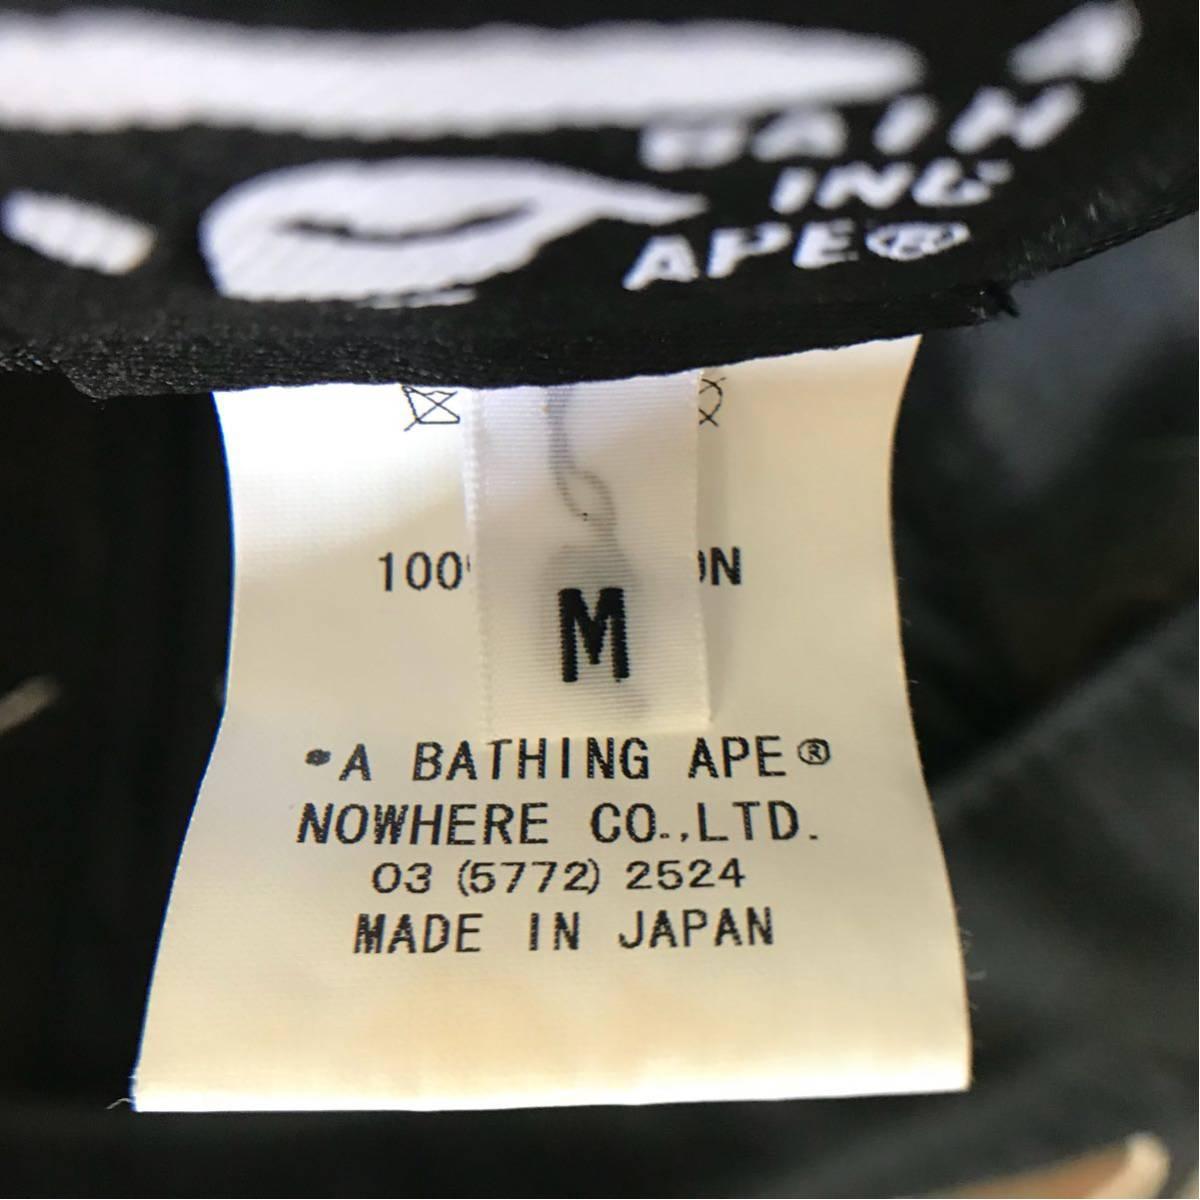 ★美品★ kaws 1st camo キャップ Mサイズ a bathing ape bape エイプ ベイプ アベイシングエイプ カウズ original fake カモフラ 迷彩